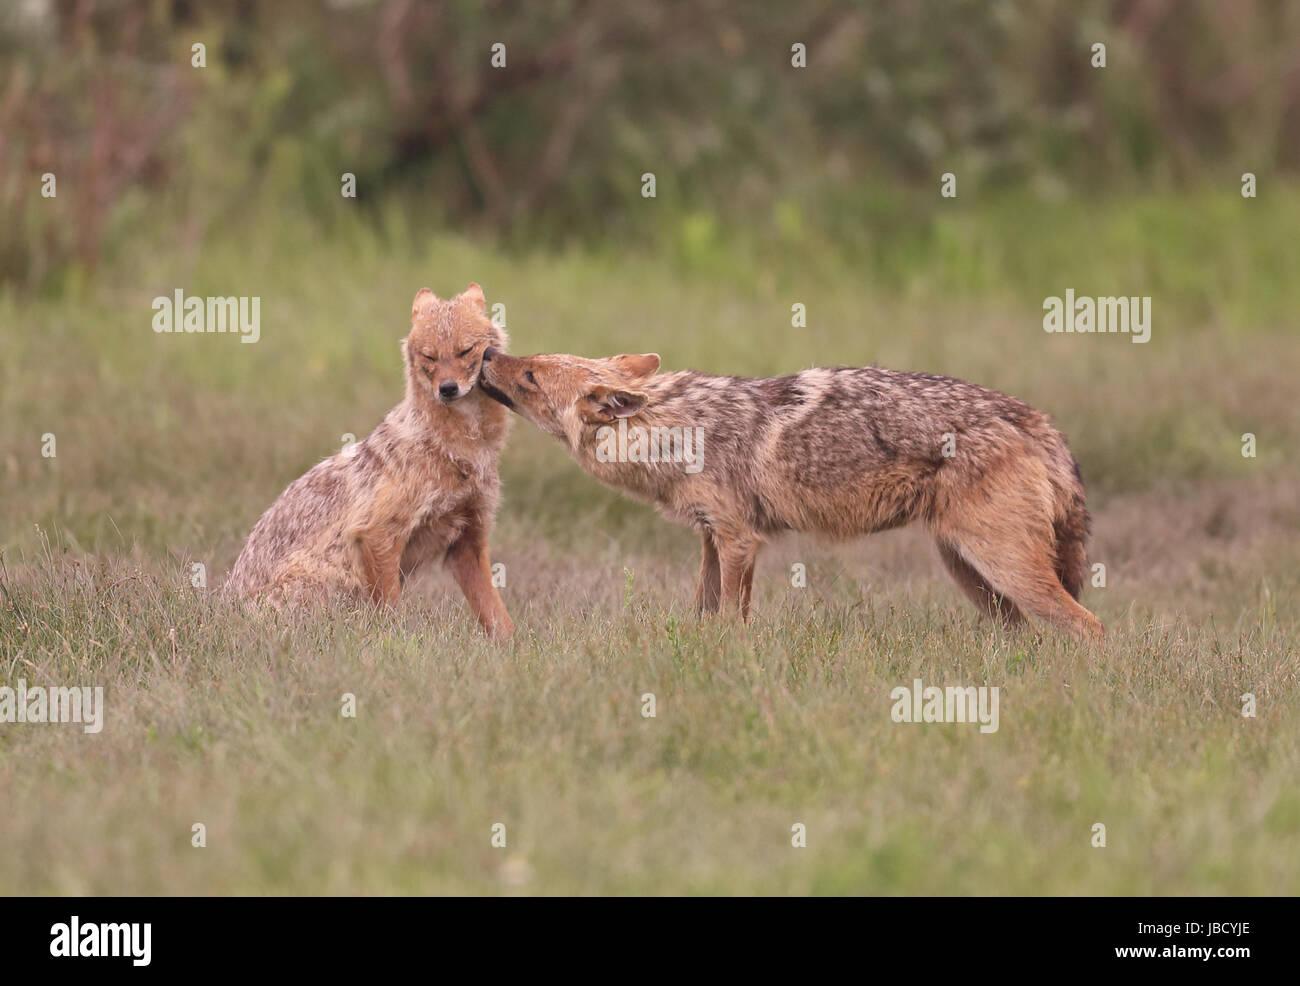 golden-jackal-or-european-jackal-canis-a